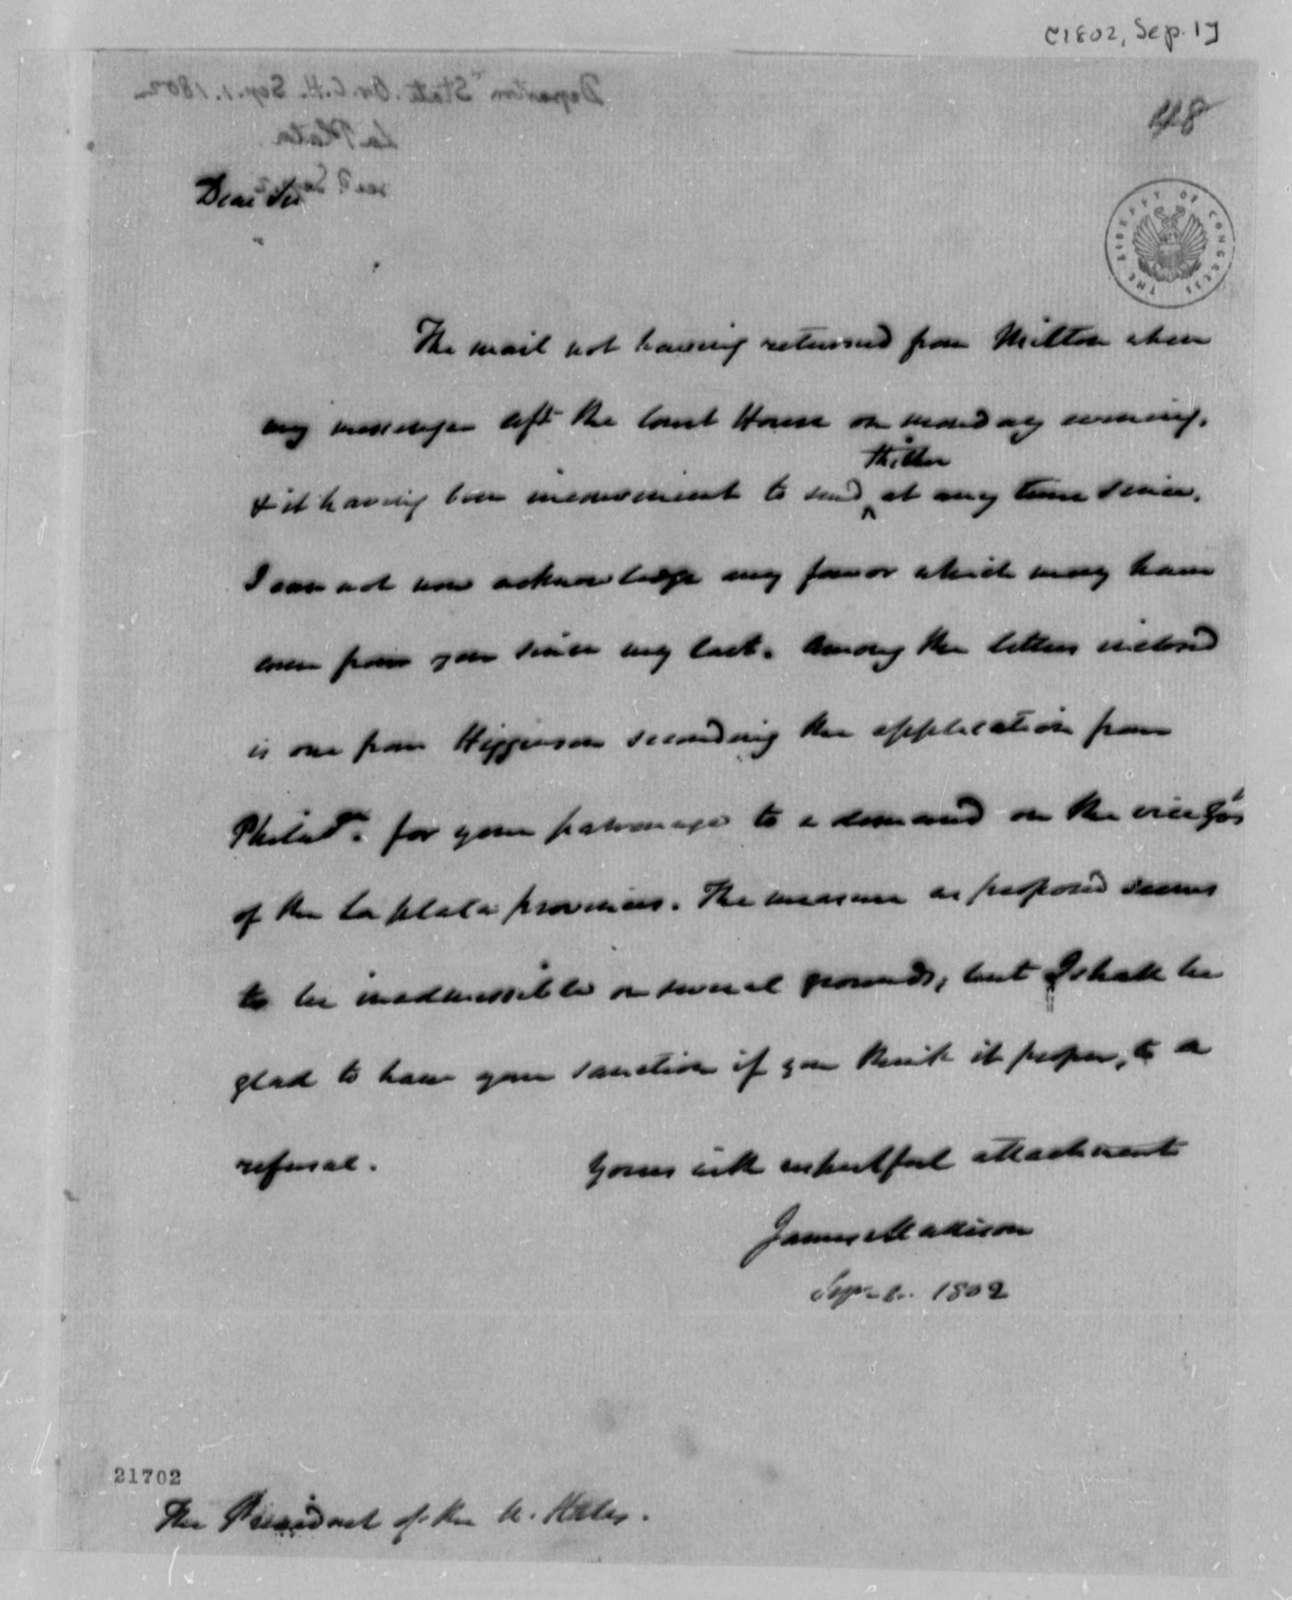 James Madison to Thomas Jefferson, September 1, 1802